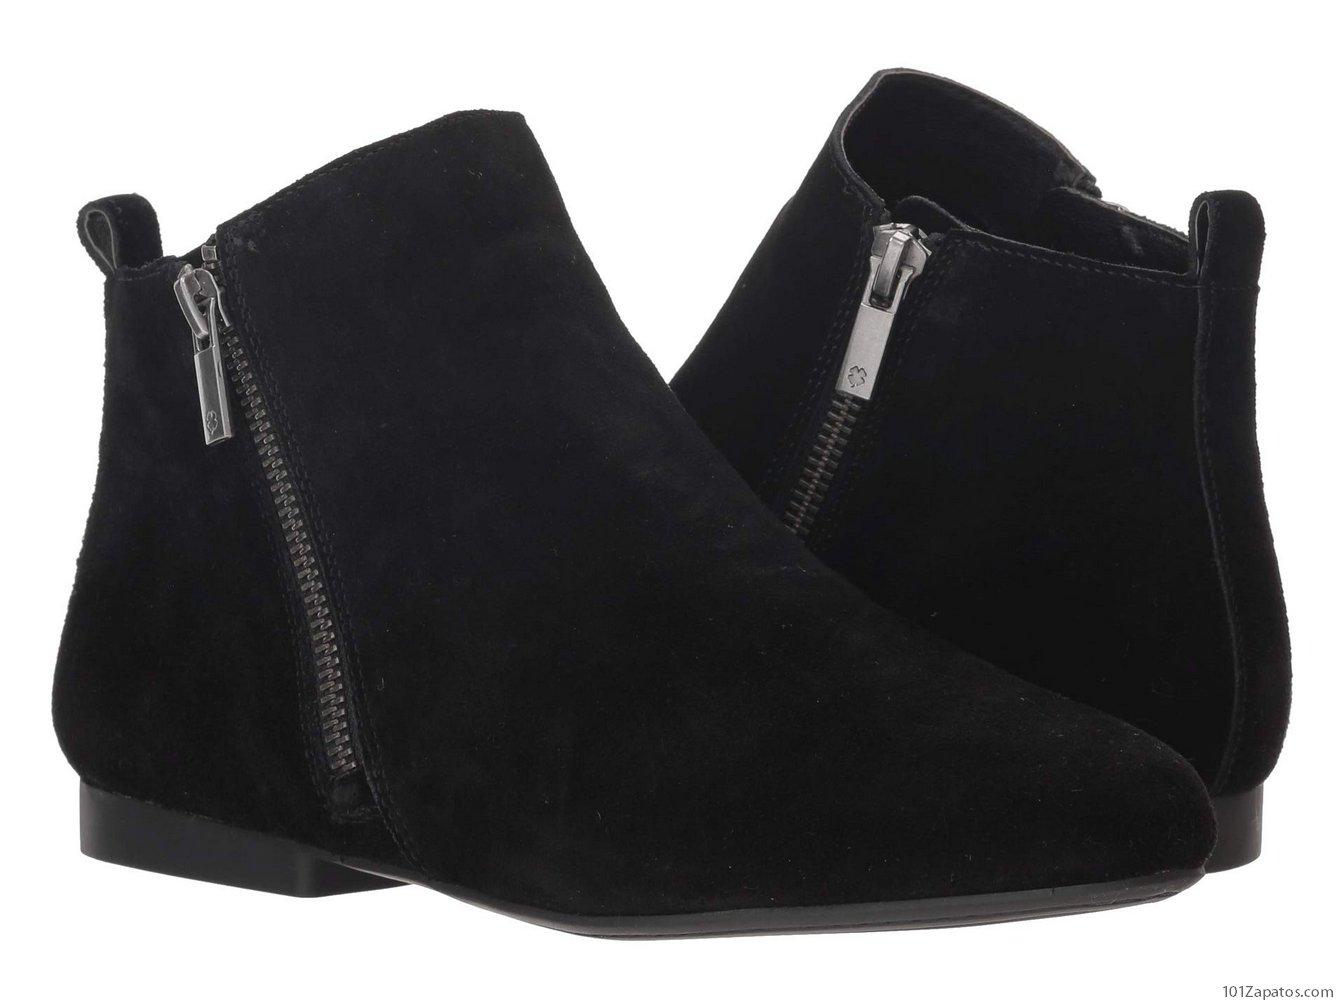 nuevo estilo 9a860 14603 Botines de Mujer sin Tacón ¡Moda y Tendencias! | Zapatos ...